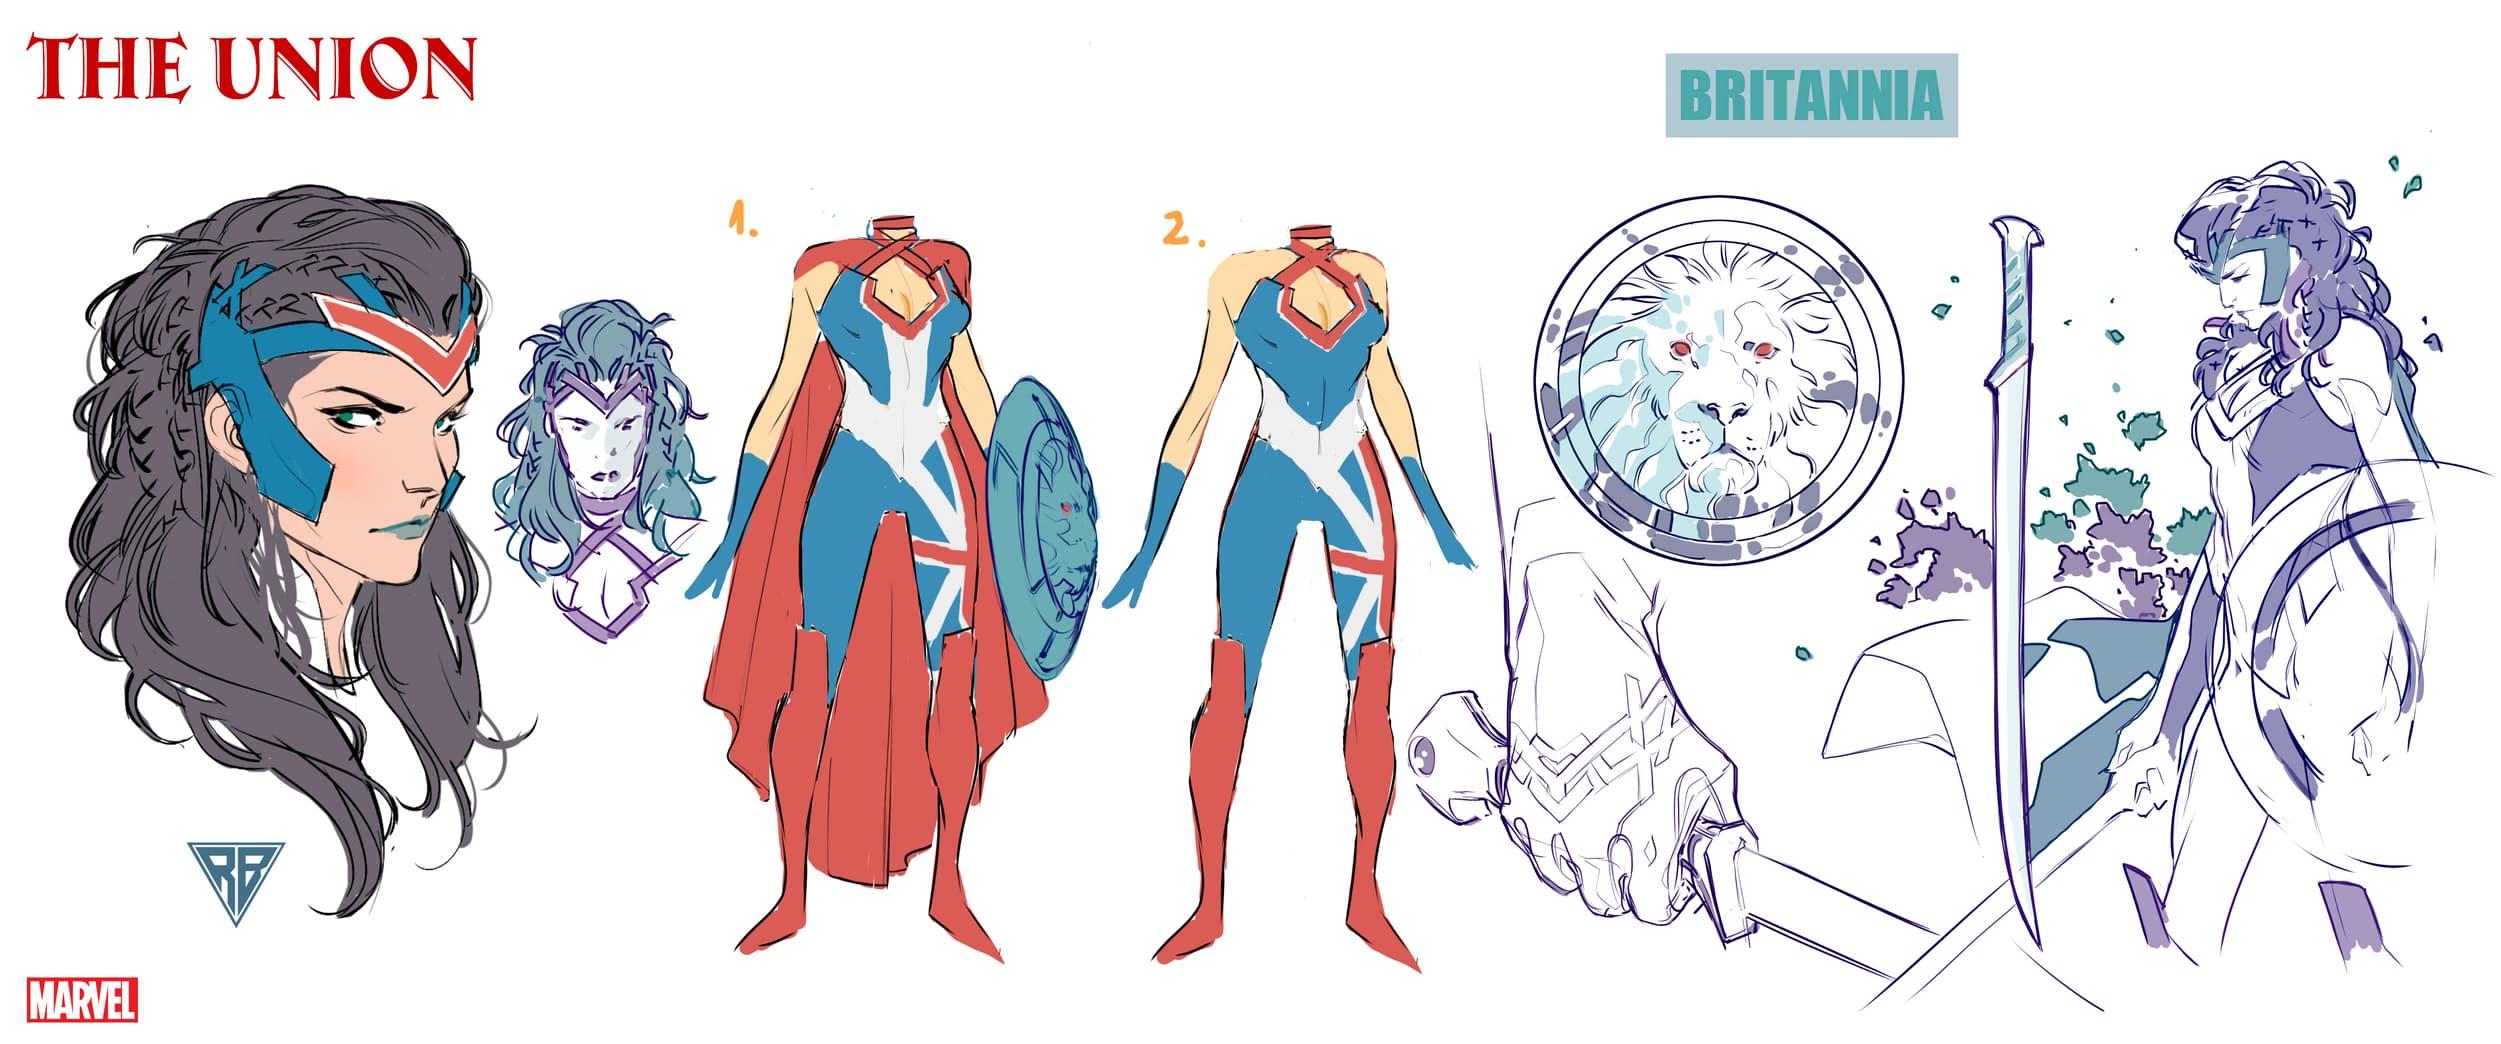 Britannia character design by R.B. Silva